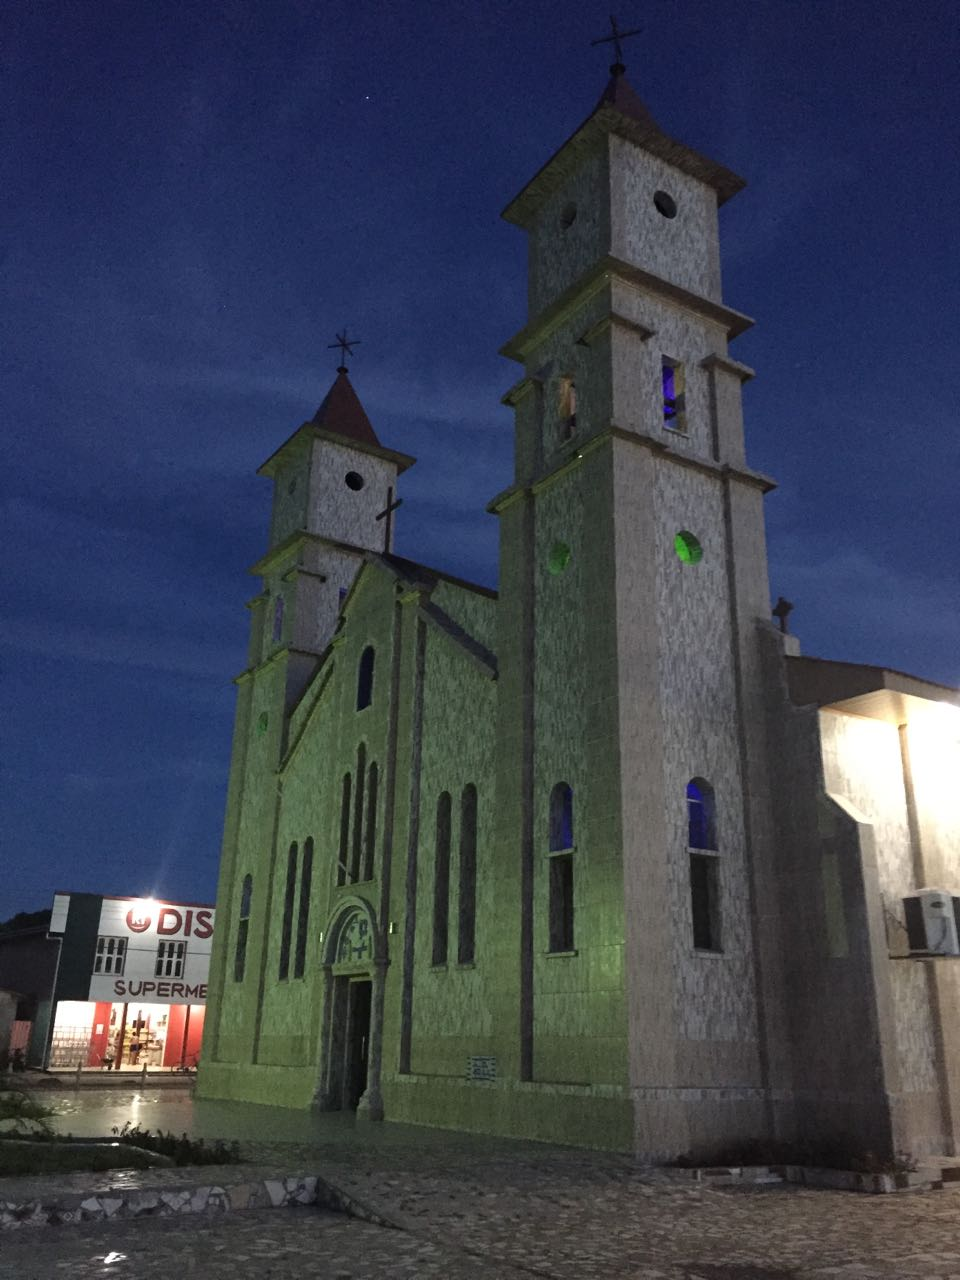 Igreja Sao Francisco in Eirunepé, Brazil.